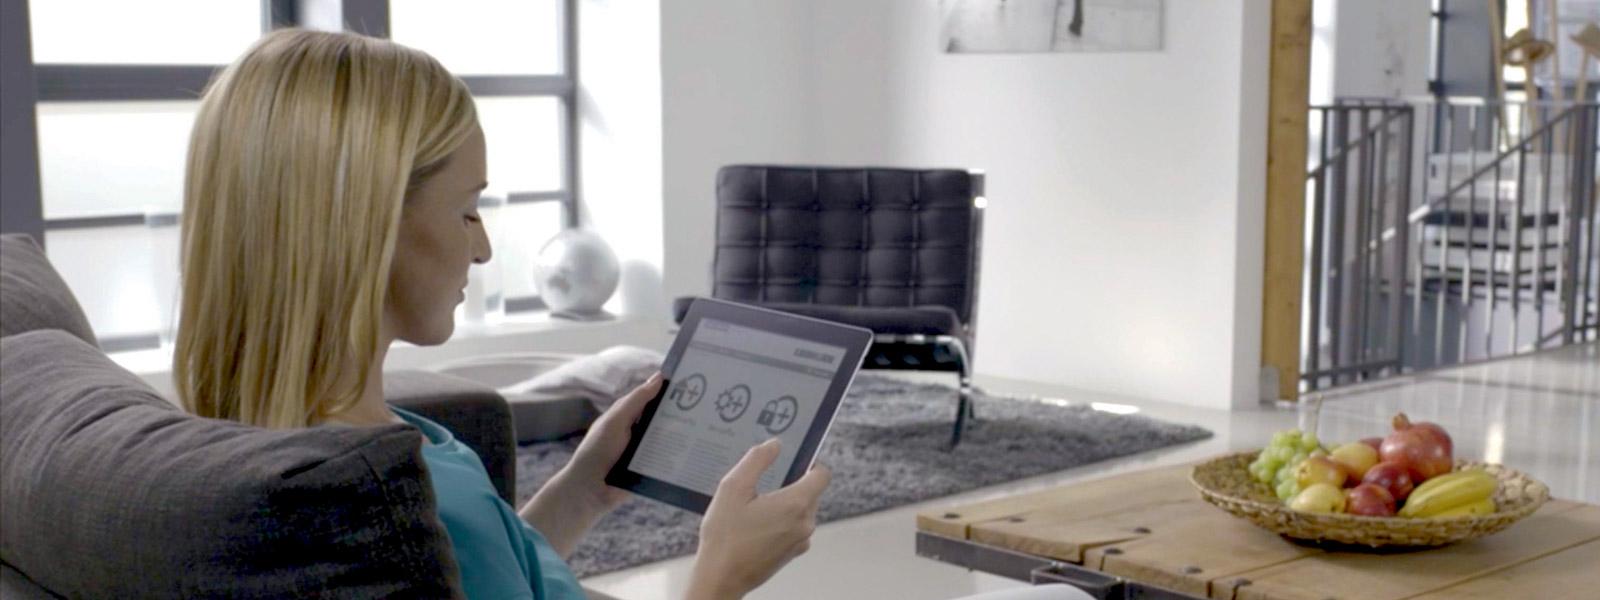 Vrouw die een laptop gebruikt om tabellen te controleren